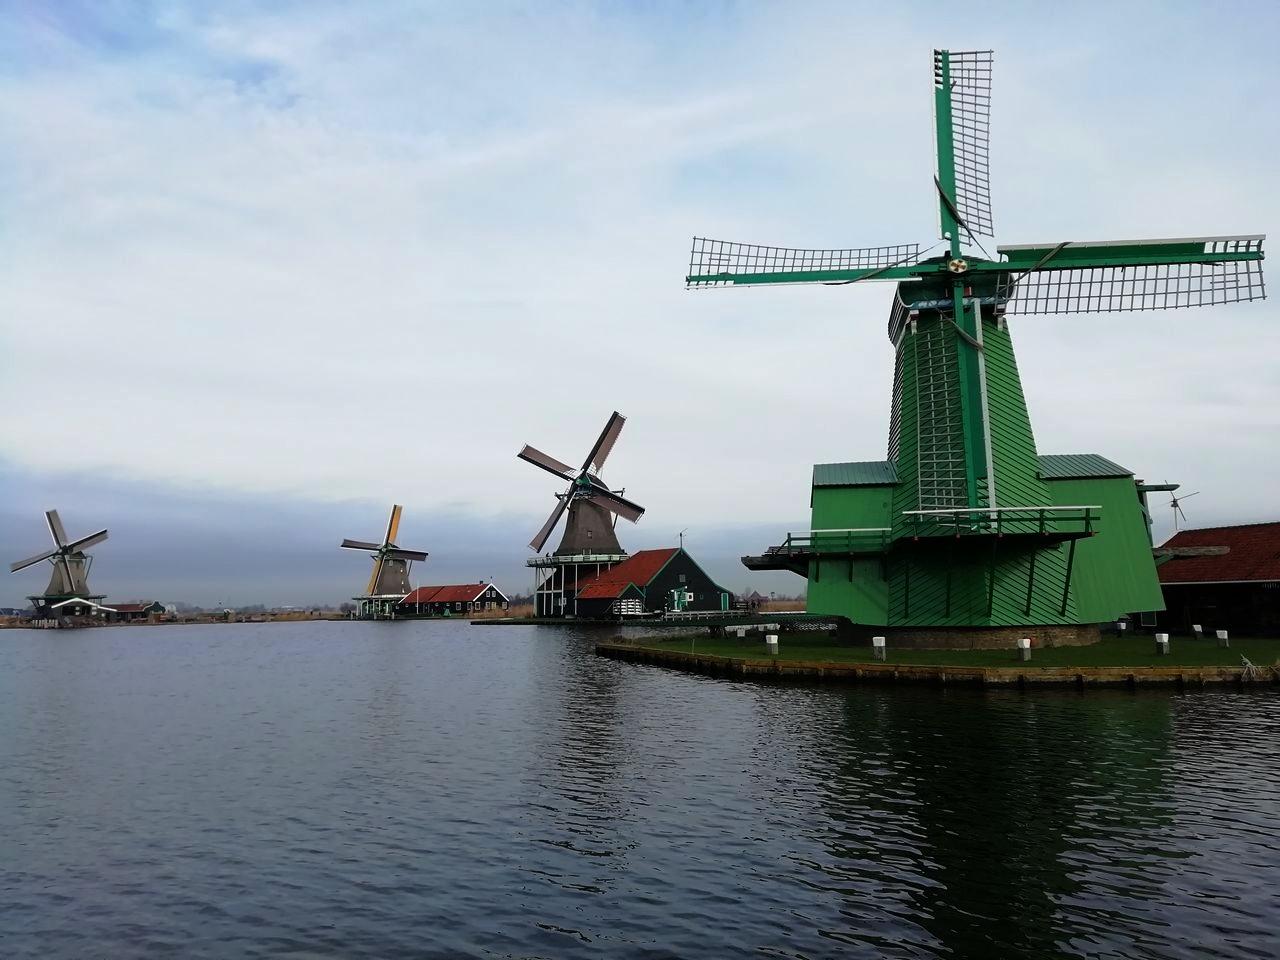 Visitar Zaanse Schans y encontrar estampas como ésta no tiene precio.